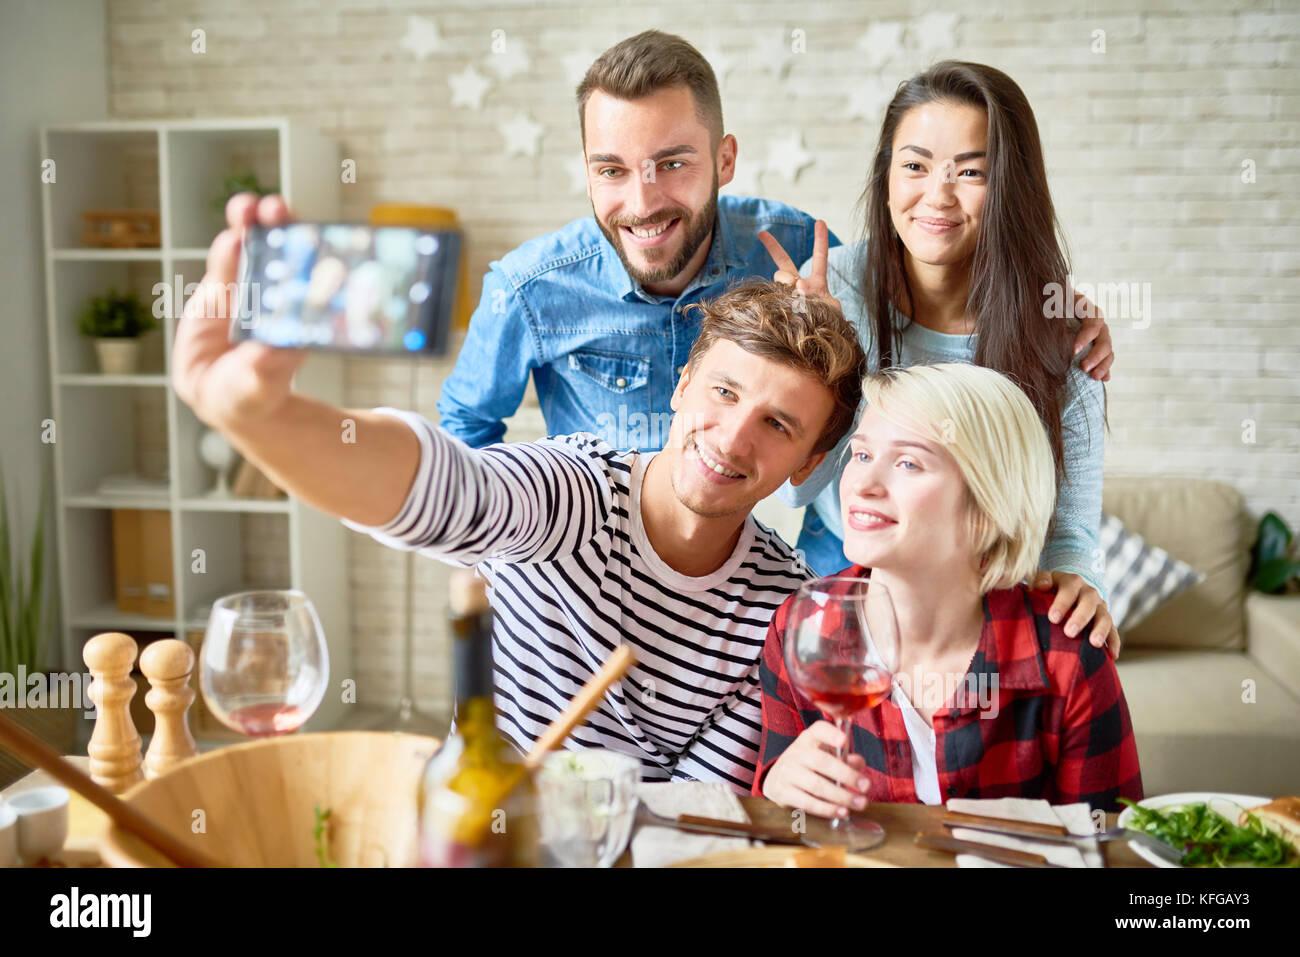 Amigo posando para Selfie parte durante la cena. Imagen De Stock